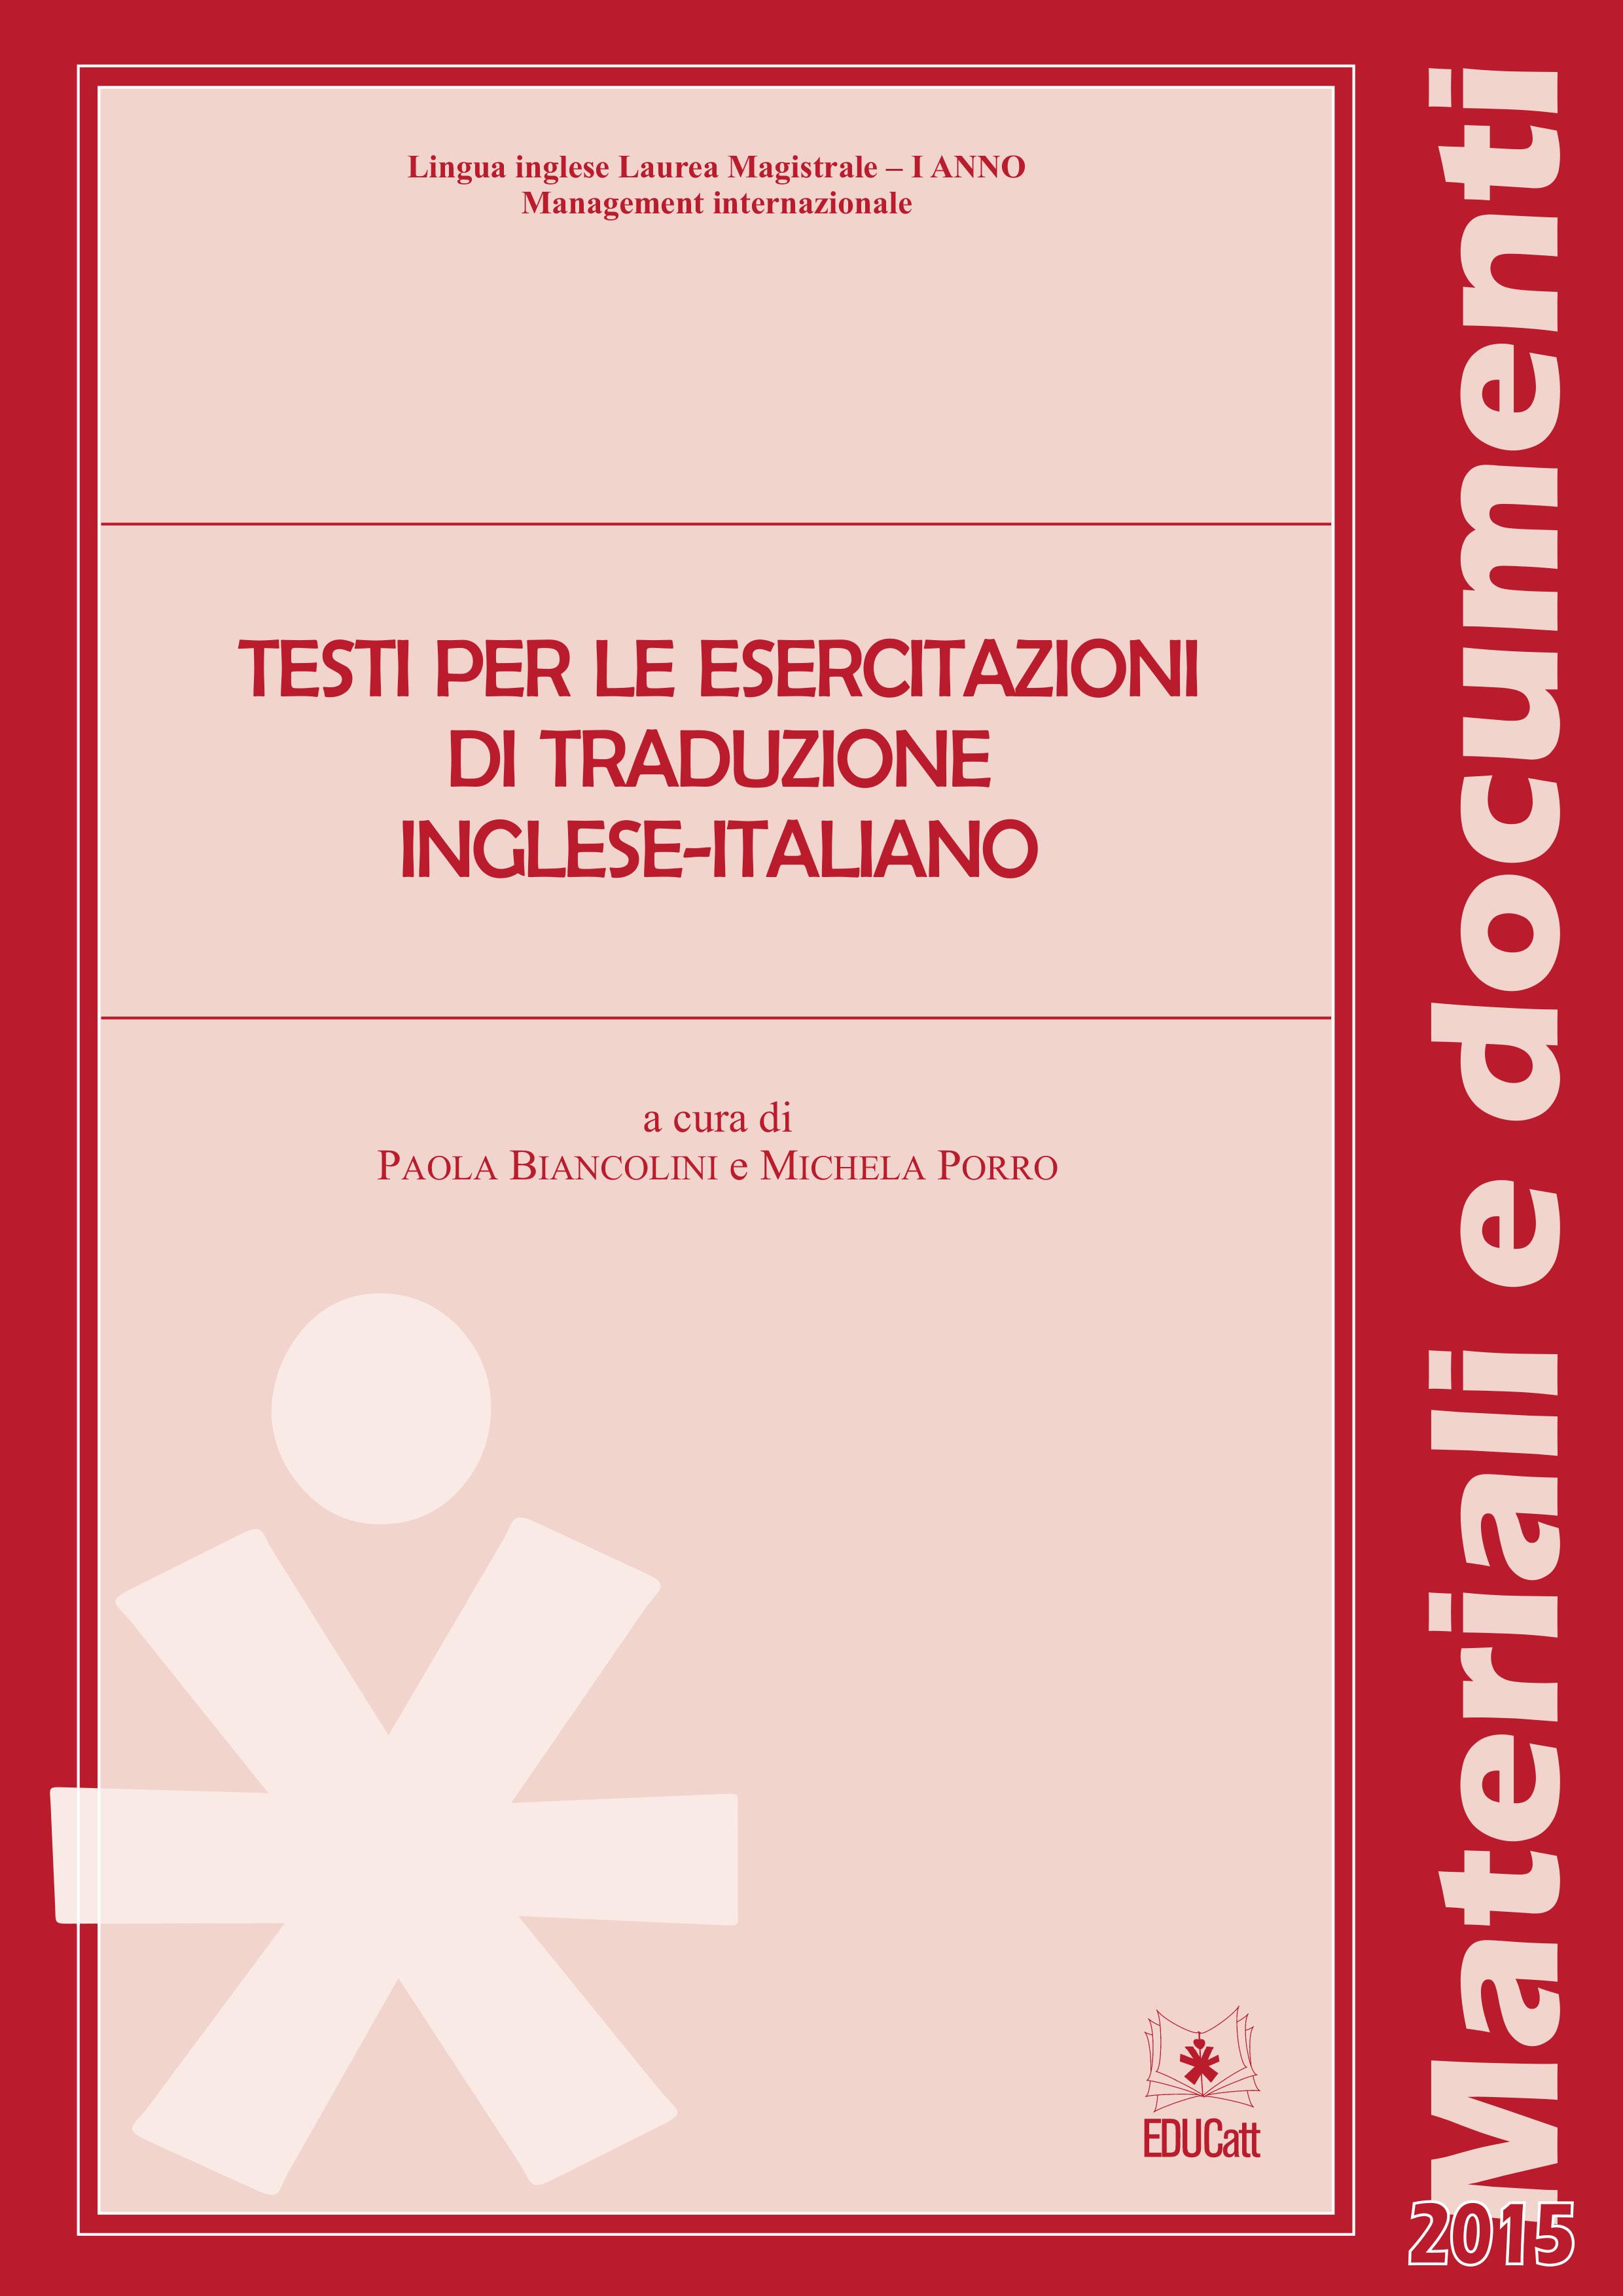 TESTI PER LE ESERCITAZIONI DI TRADUZIONE INGLESE-ITALIANO (MANAGEMENT) (ROSSO)